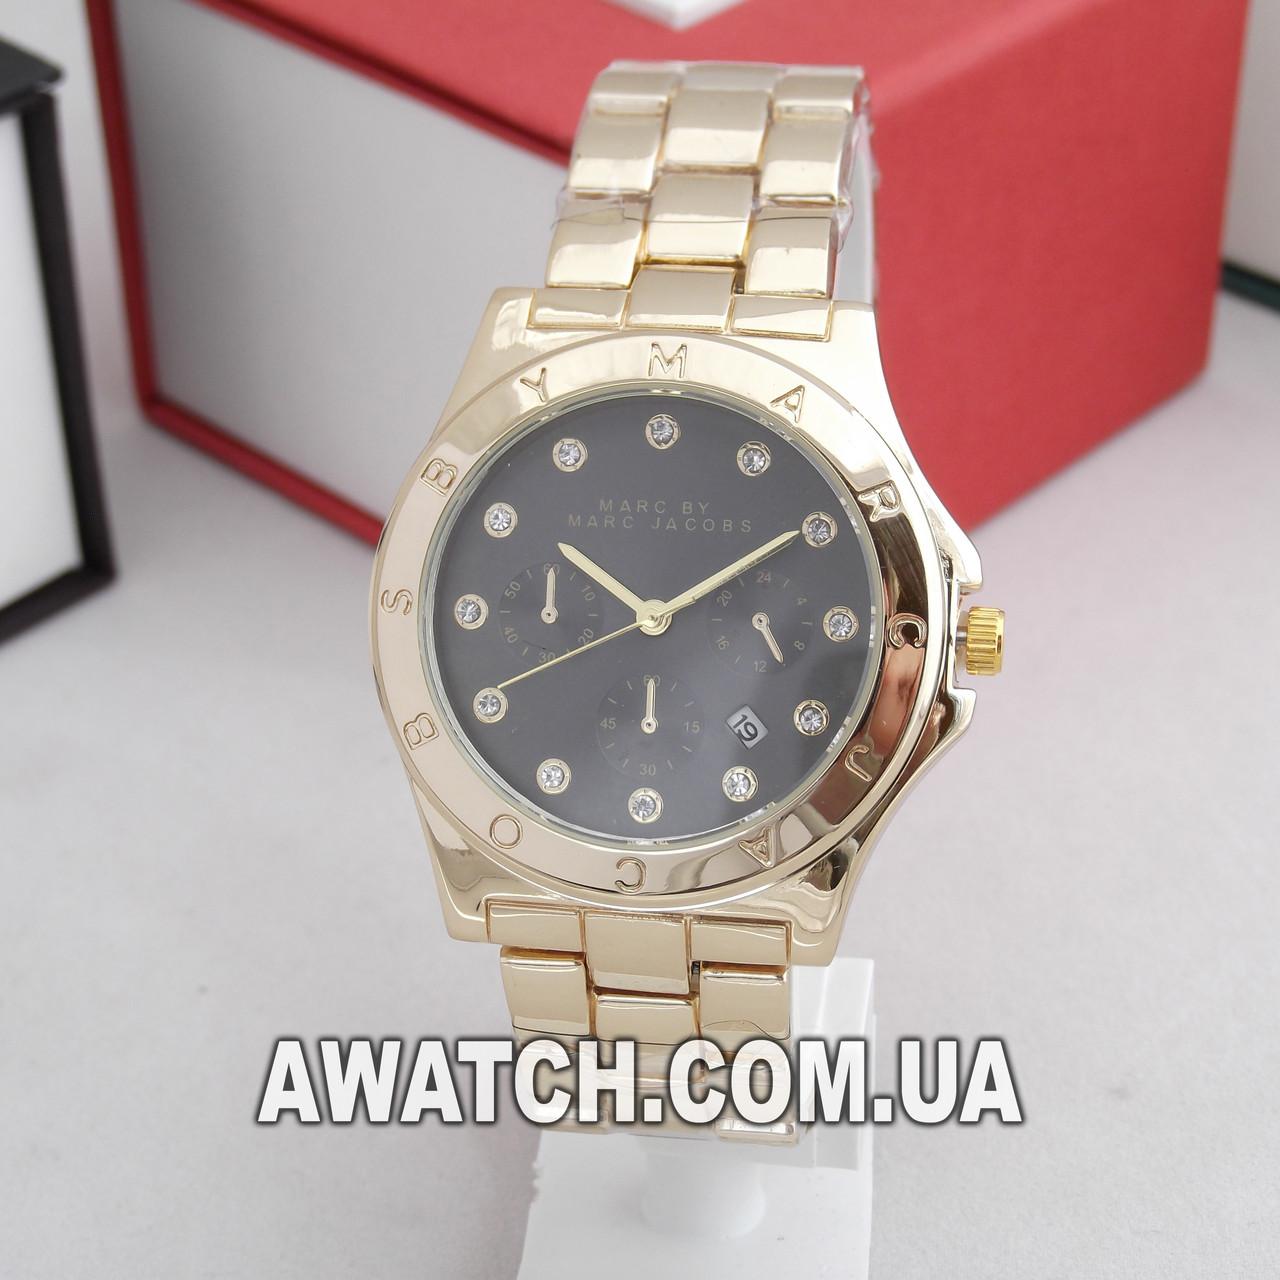 db66b216e30a Женские кварцевые наручные часы Marc Jacobs A74 - Интернет-магазин AWATCH в  Харькове